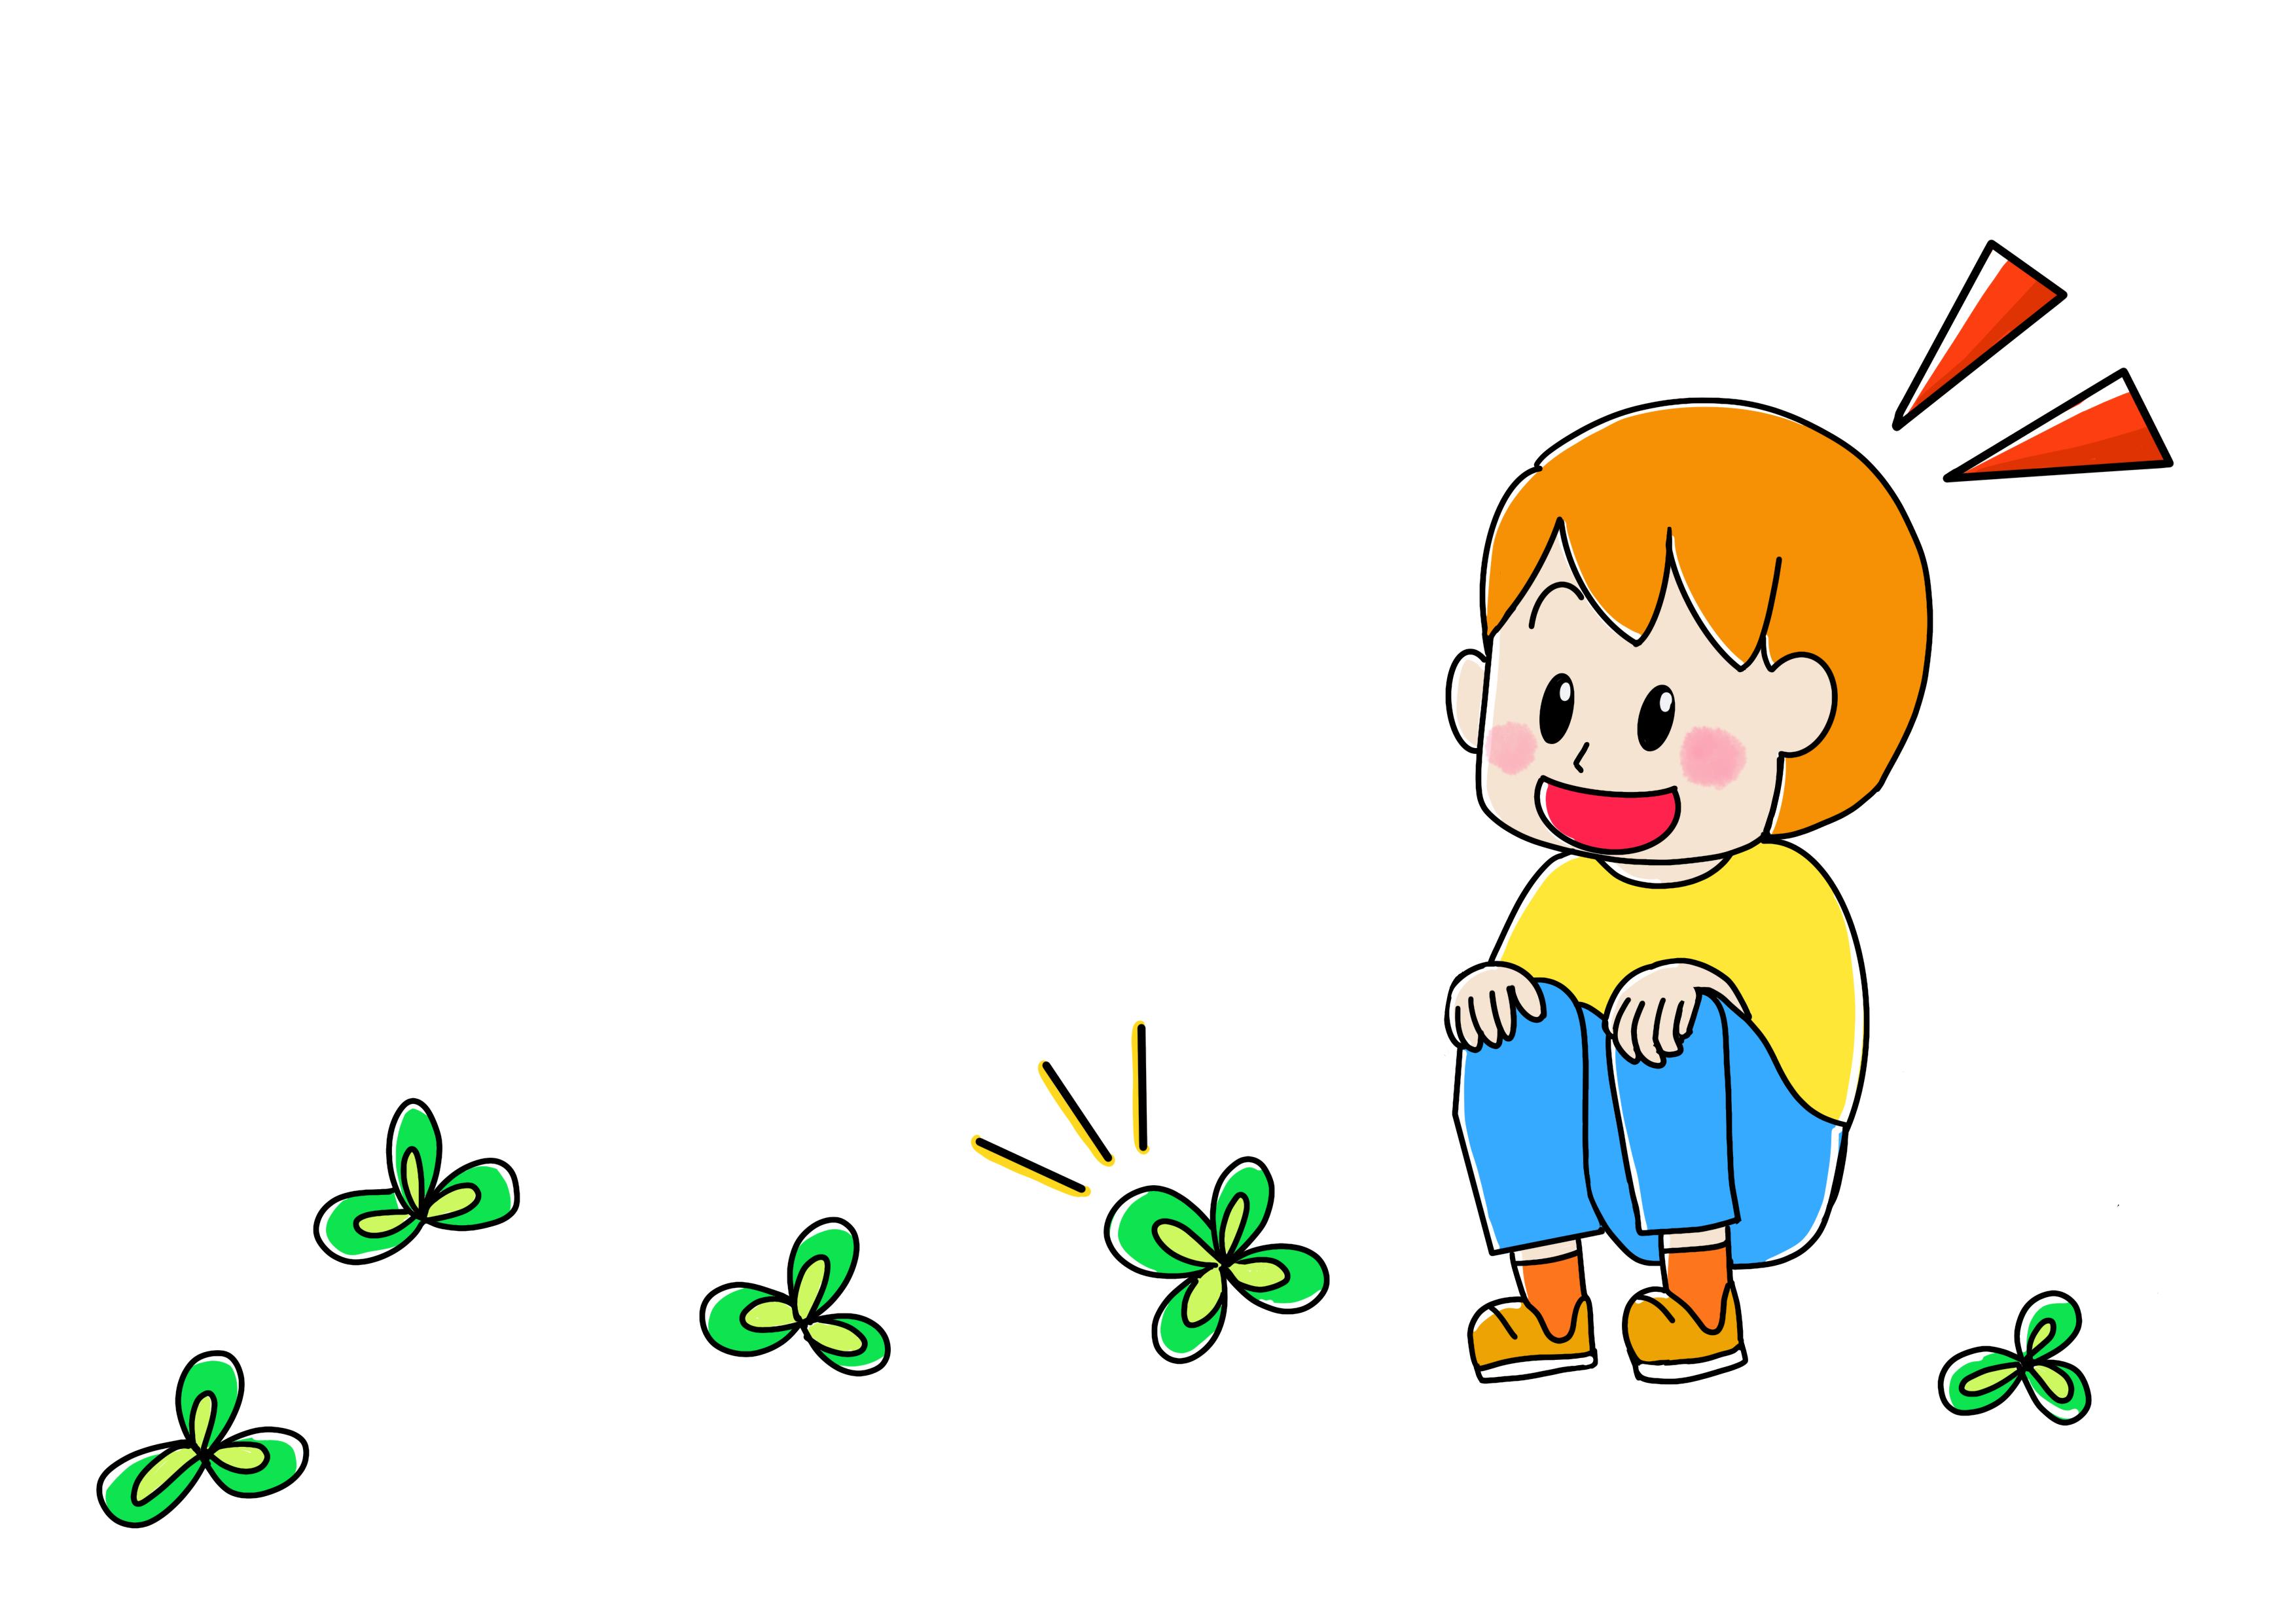 31課イラスト【クローバーを発見】